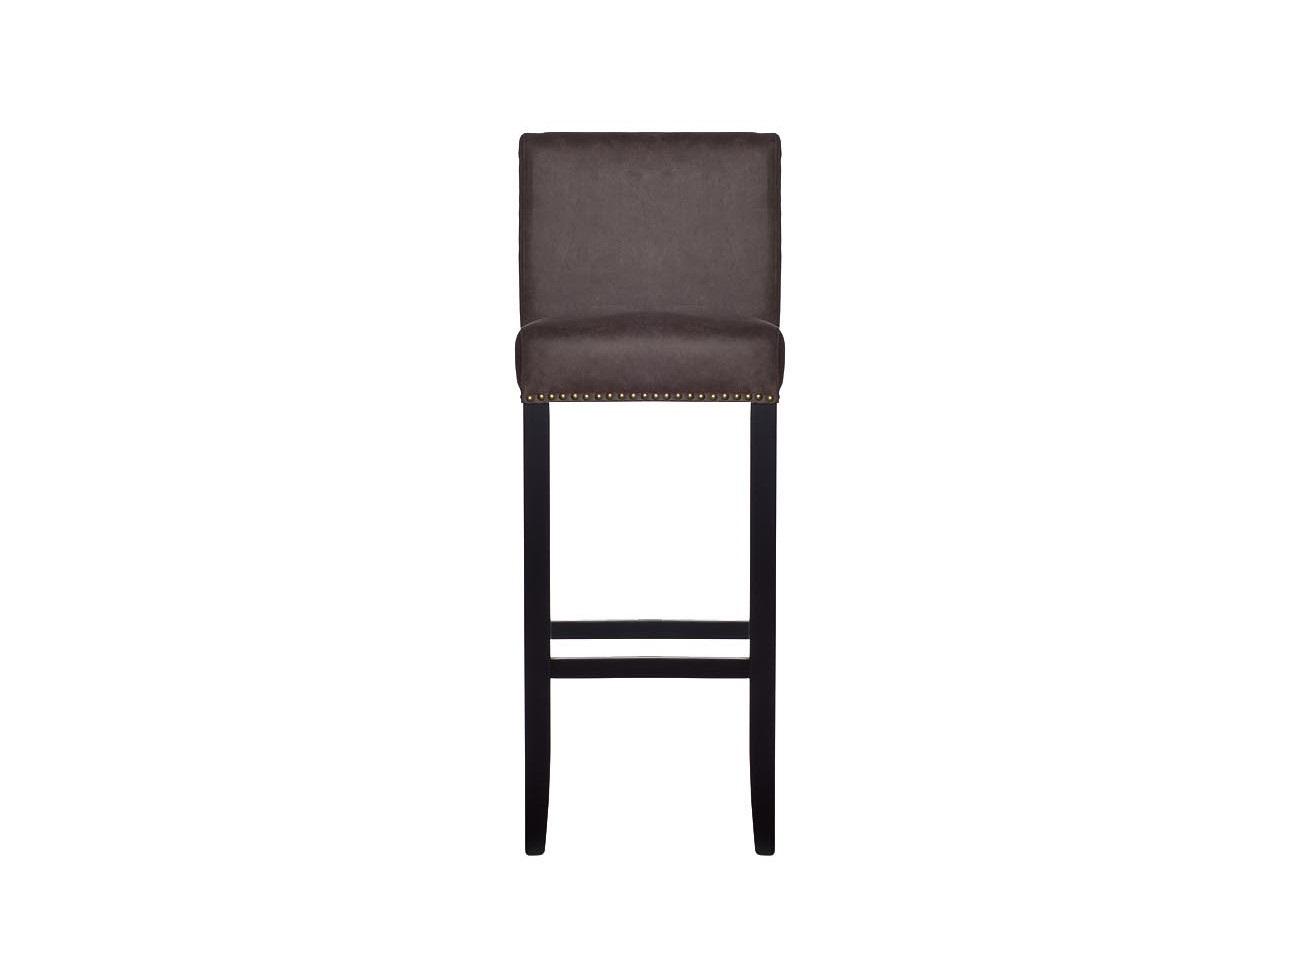 Стул барныйБарные стулья<br>Материалы: алькантара (искус.замша), каркас и ножки - береза<br><br>Material: Экокожа<br>Ширина см: 54.0<br>Высота см: 99.0<br>Глубина см: 45.0